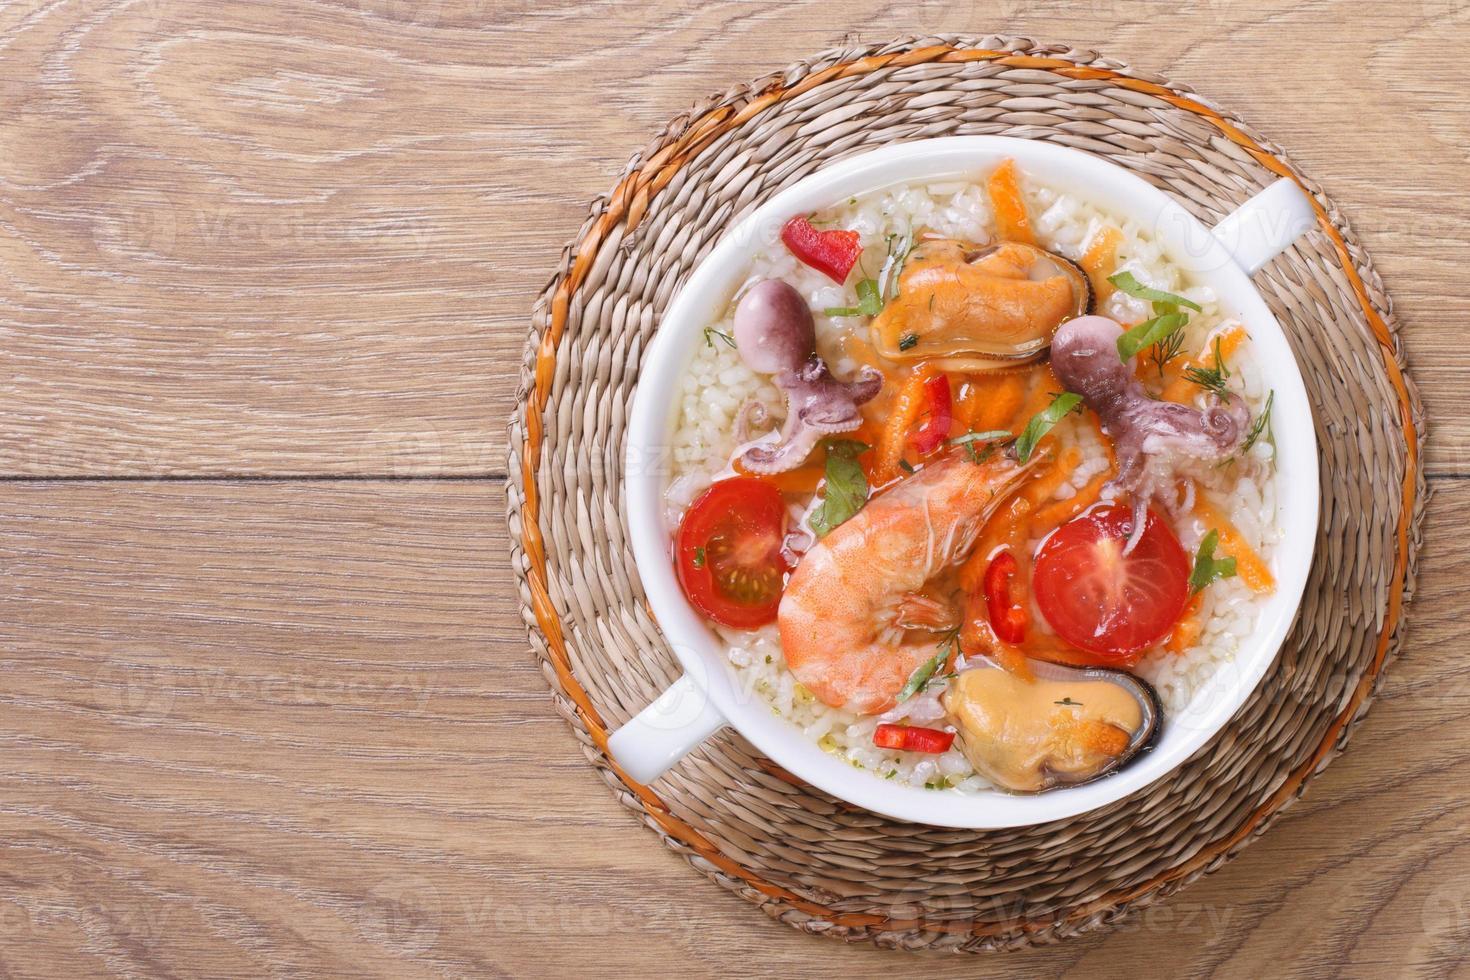 Reissuppe mit Meeresfrüchten auf der Tischnahaufnahme oben foto